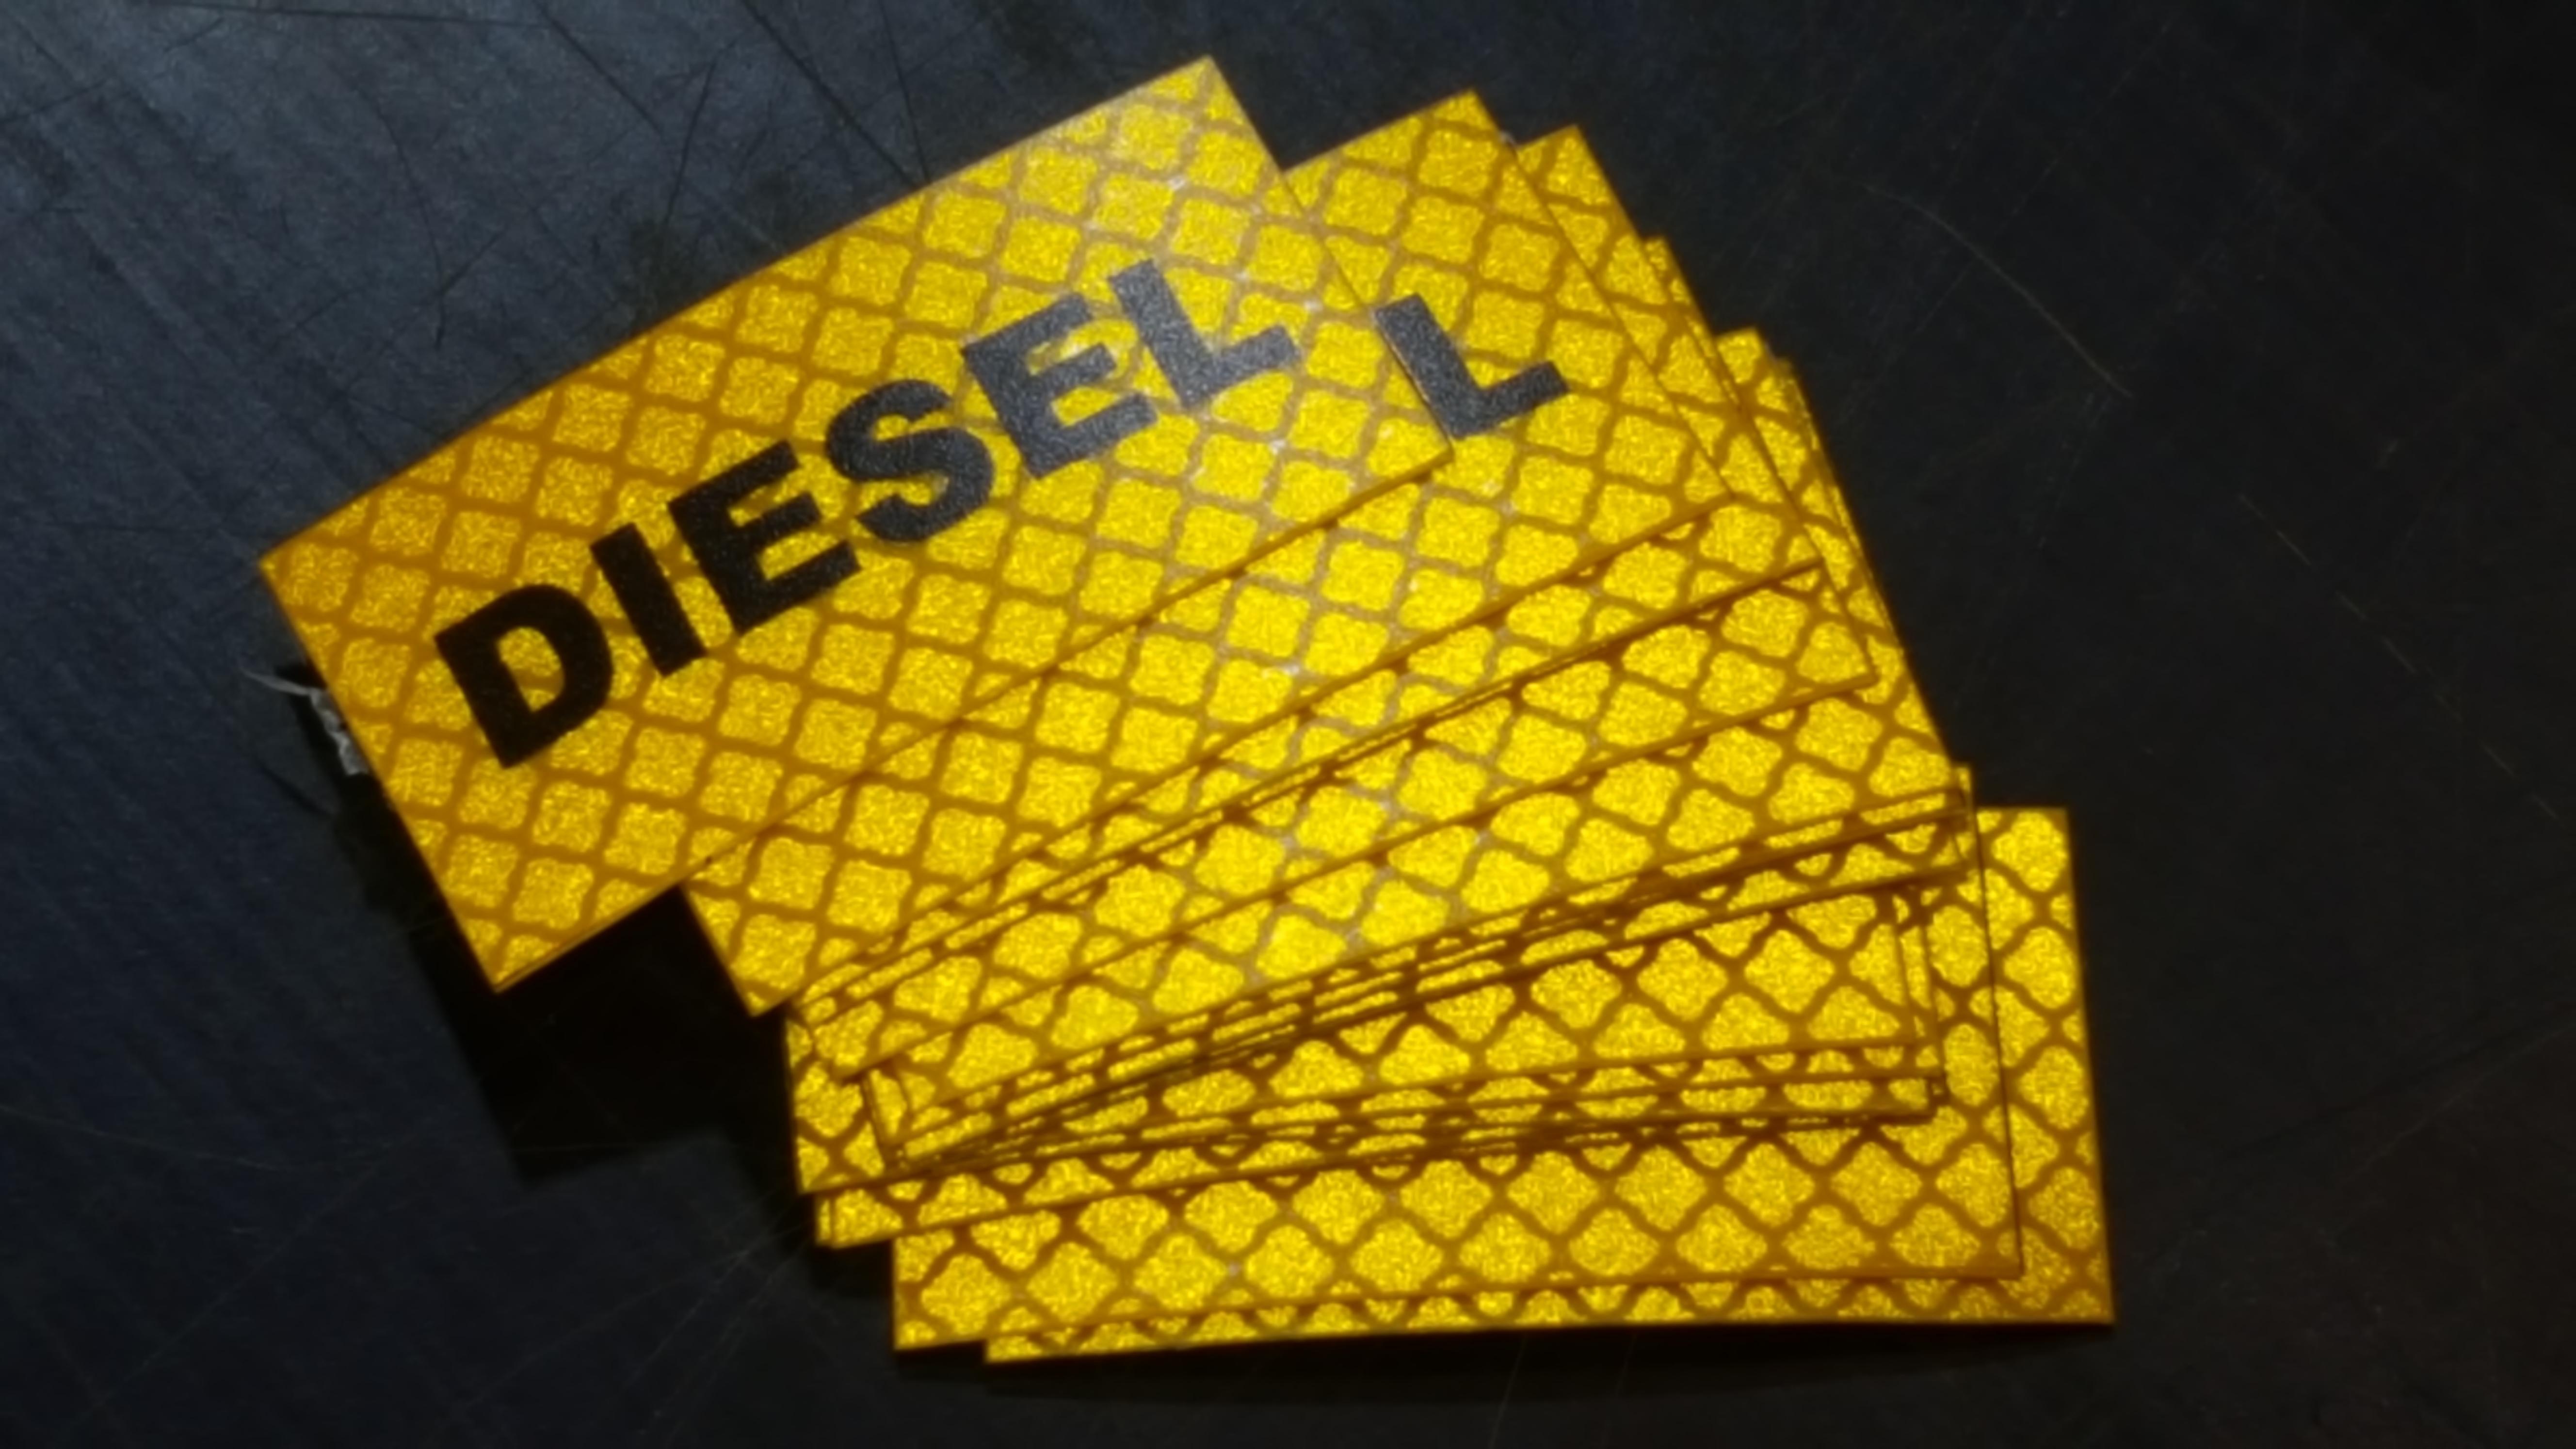 Diesel fuel Reflective sticker